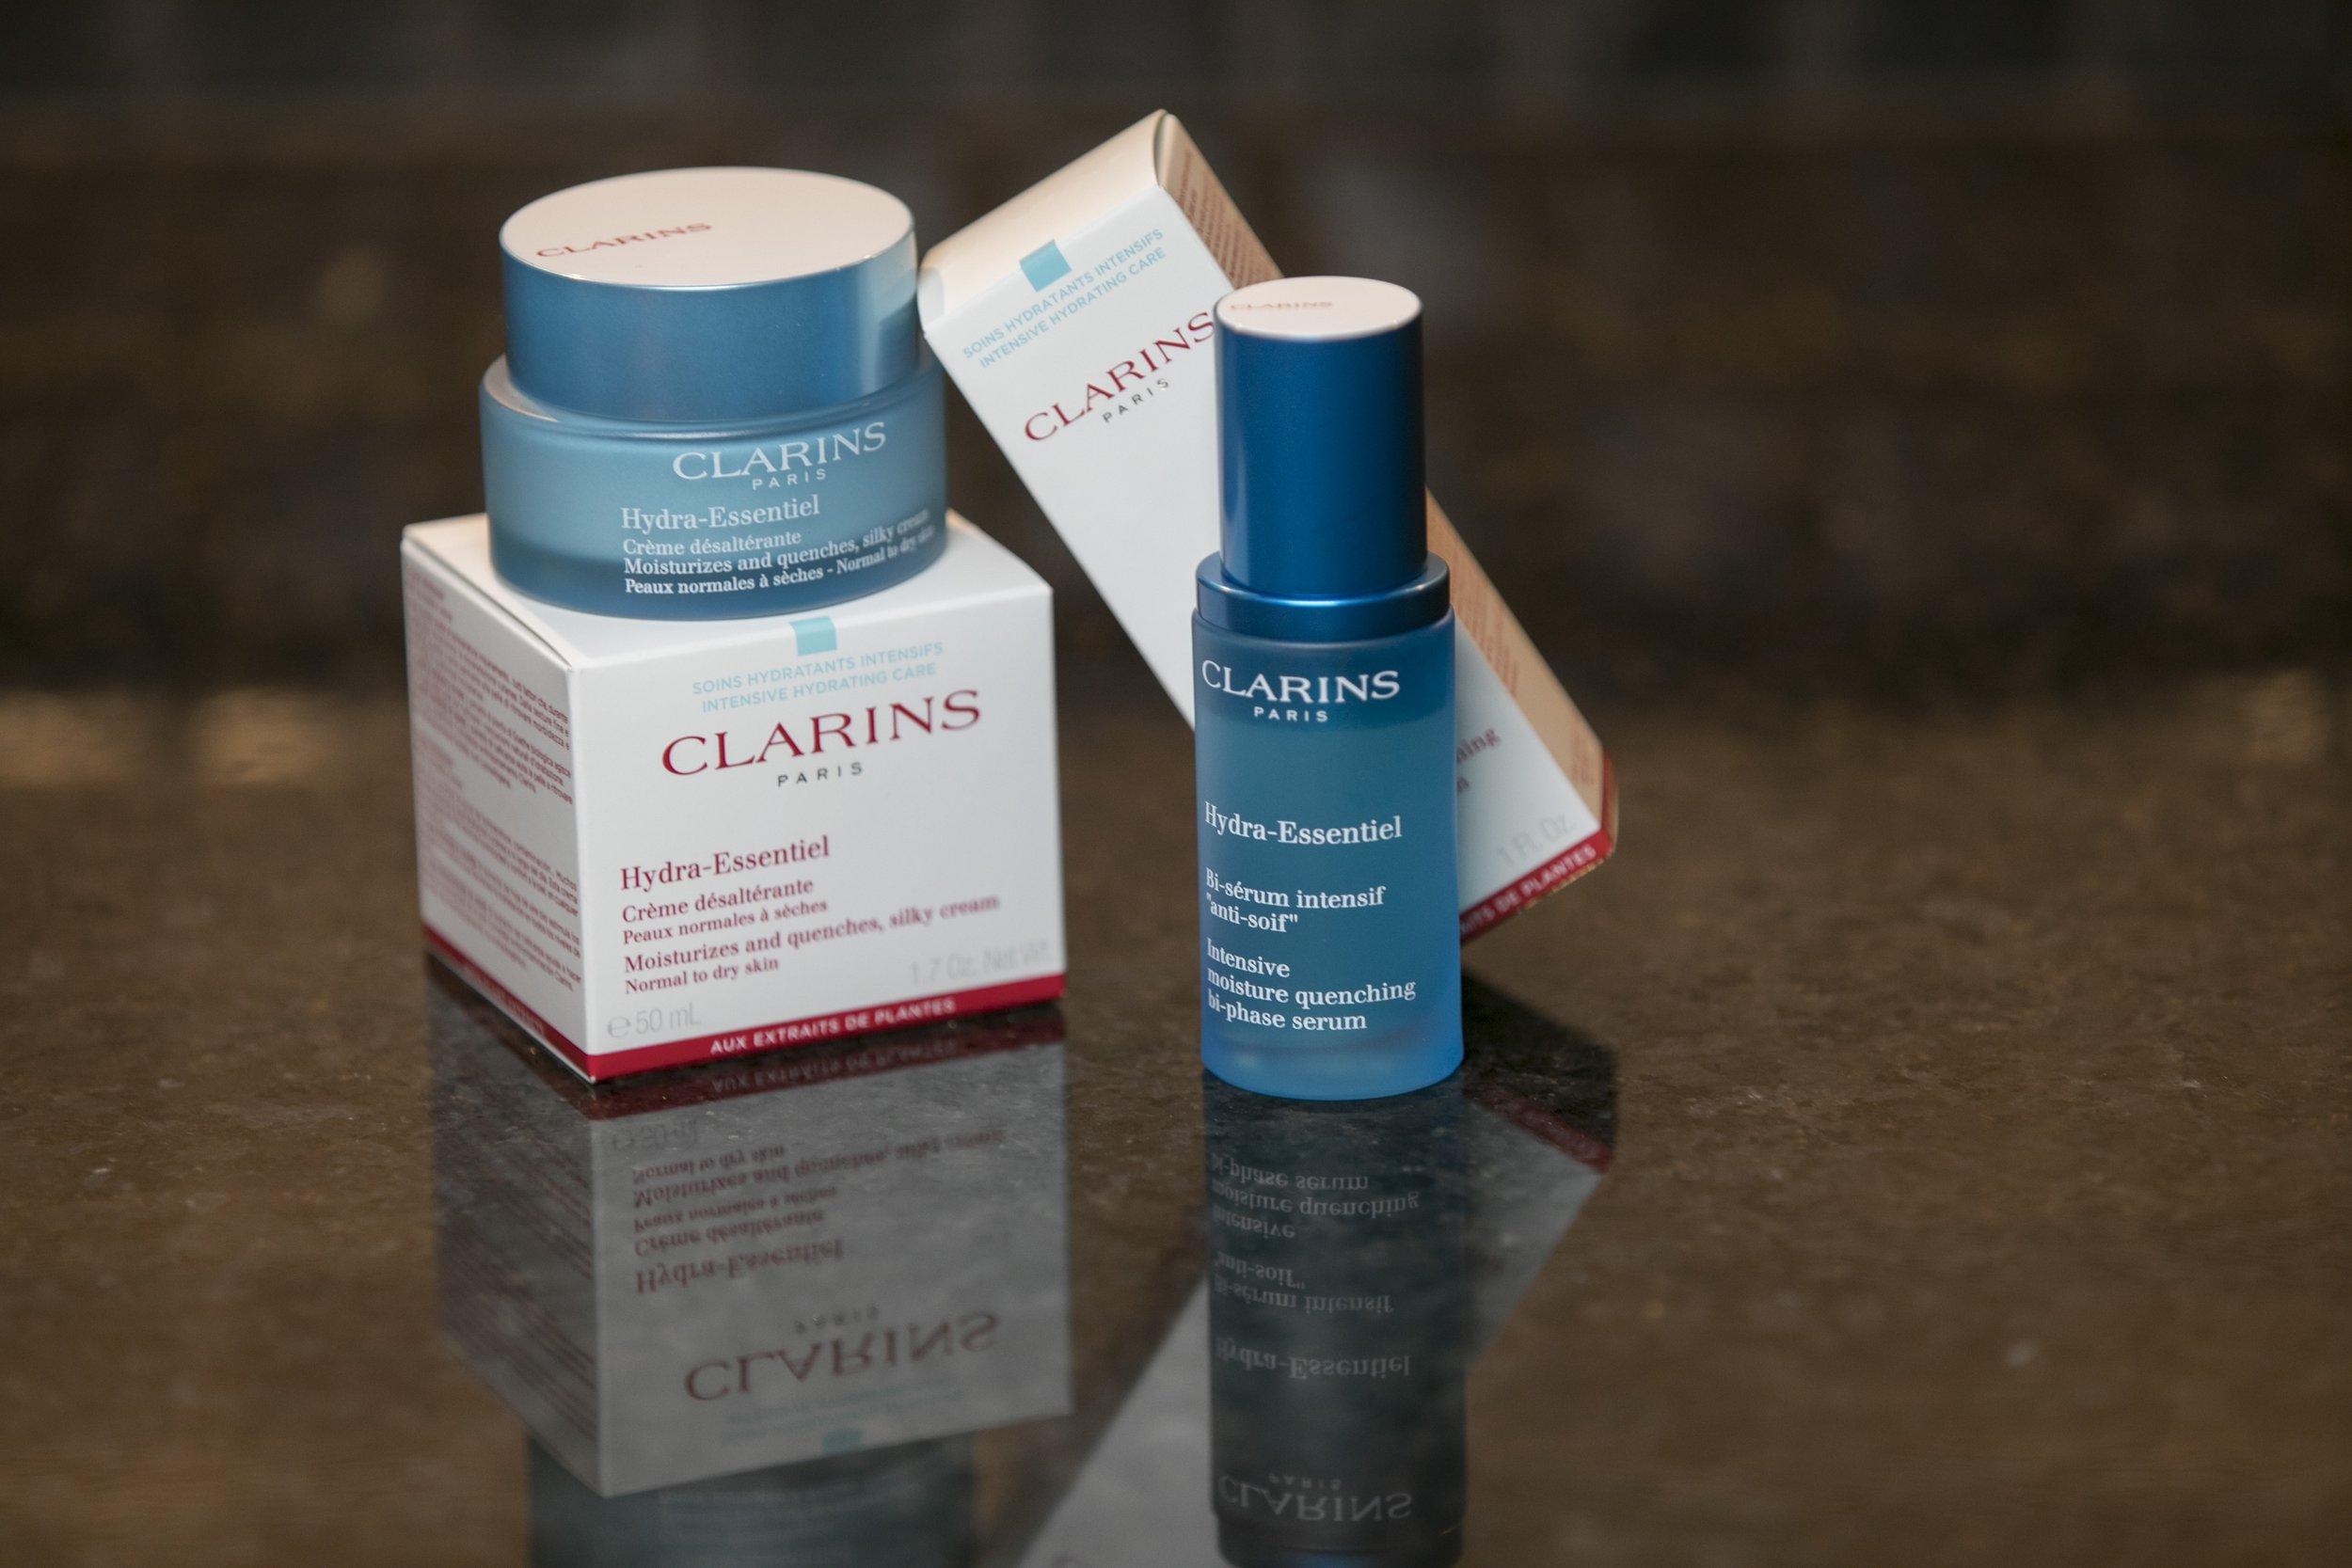 clarins hydra-essential